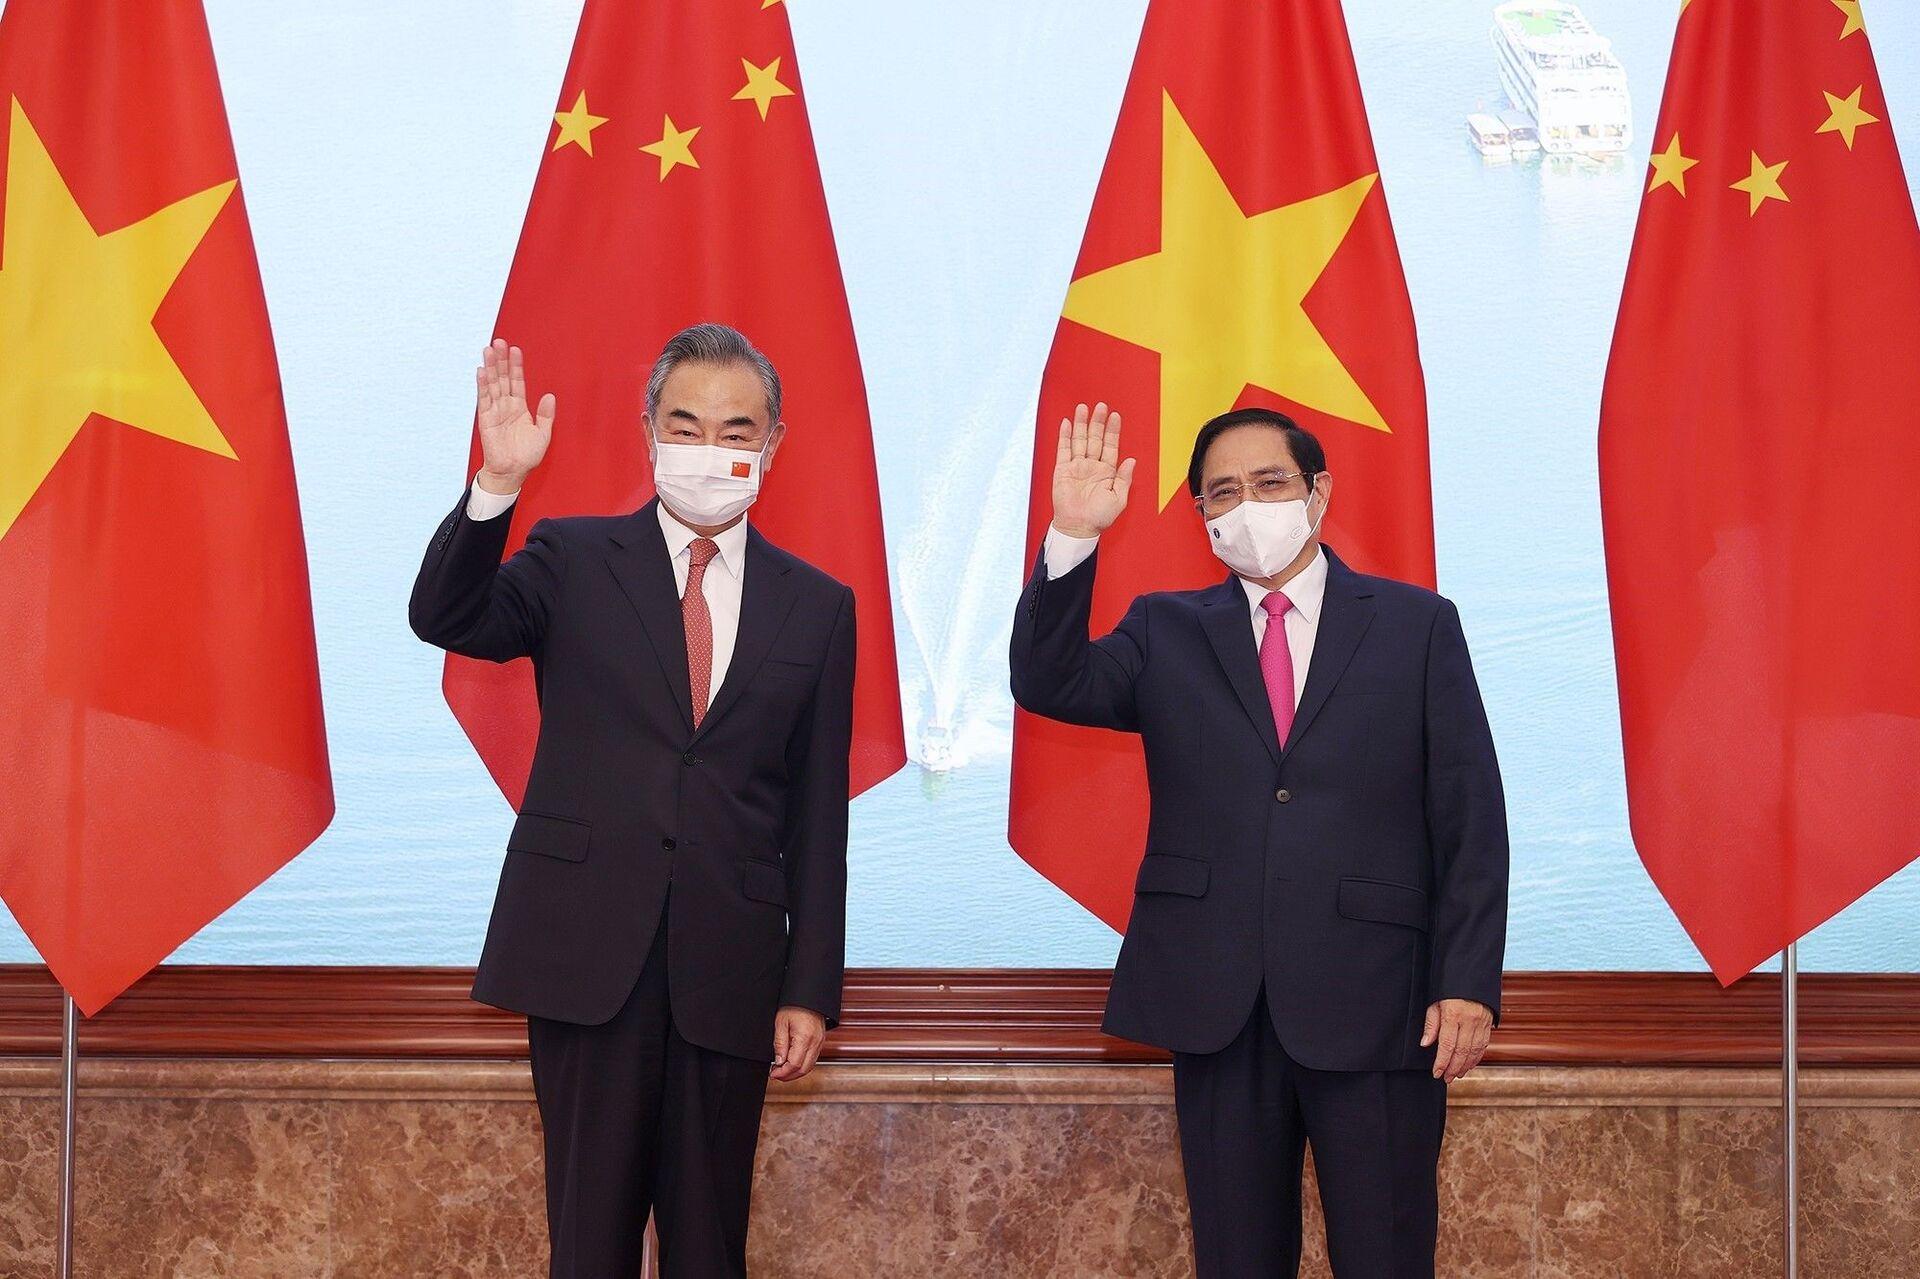 Thủ tướng Phạm Minh Chính tiếp Bộ trưởng Ngoại giao Trung Quốc Vương Nghị - Sputnik Việt Nam, 1920, 05.10.2021